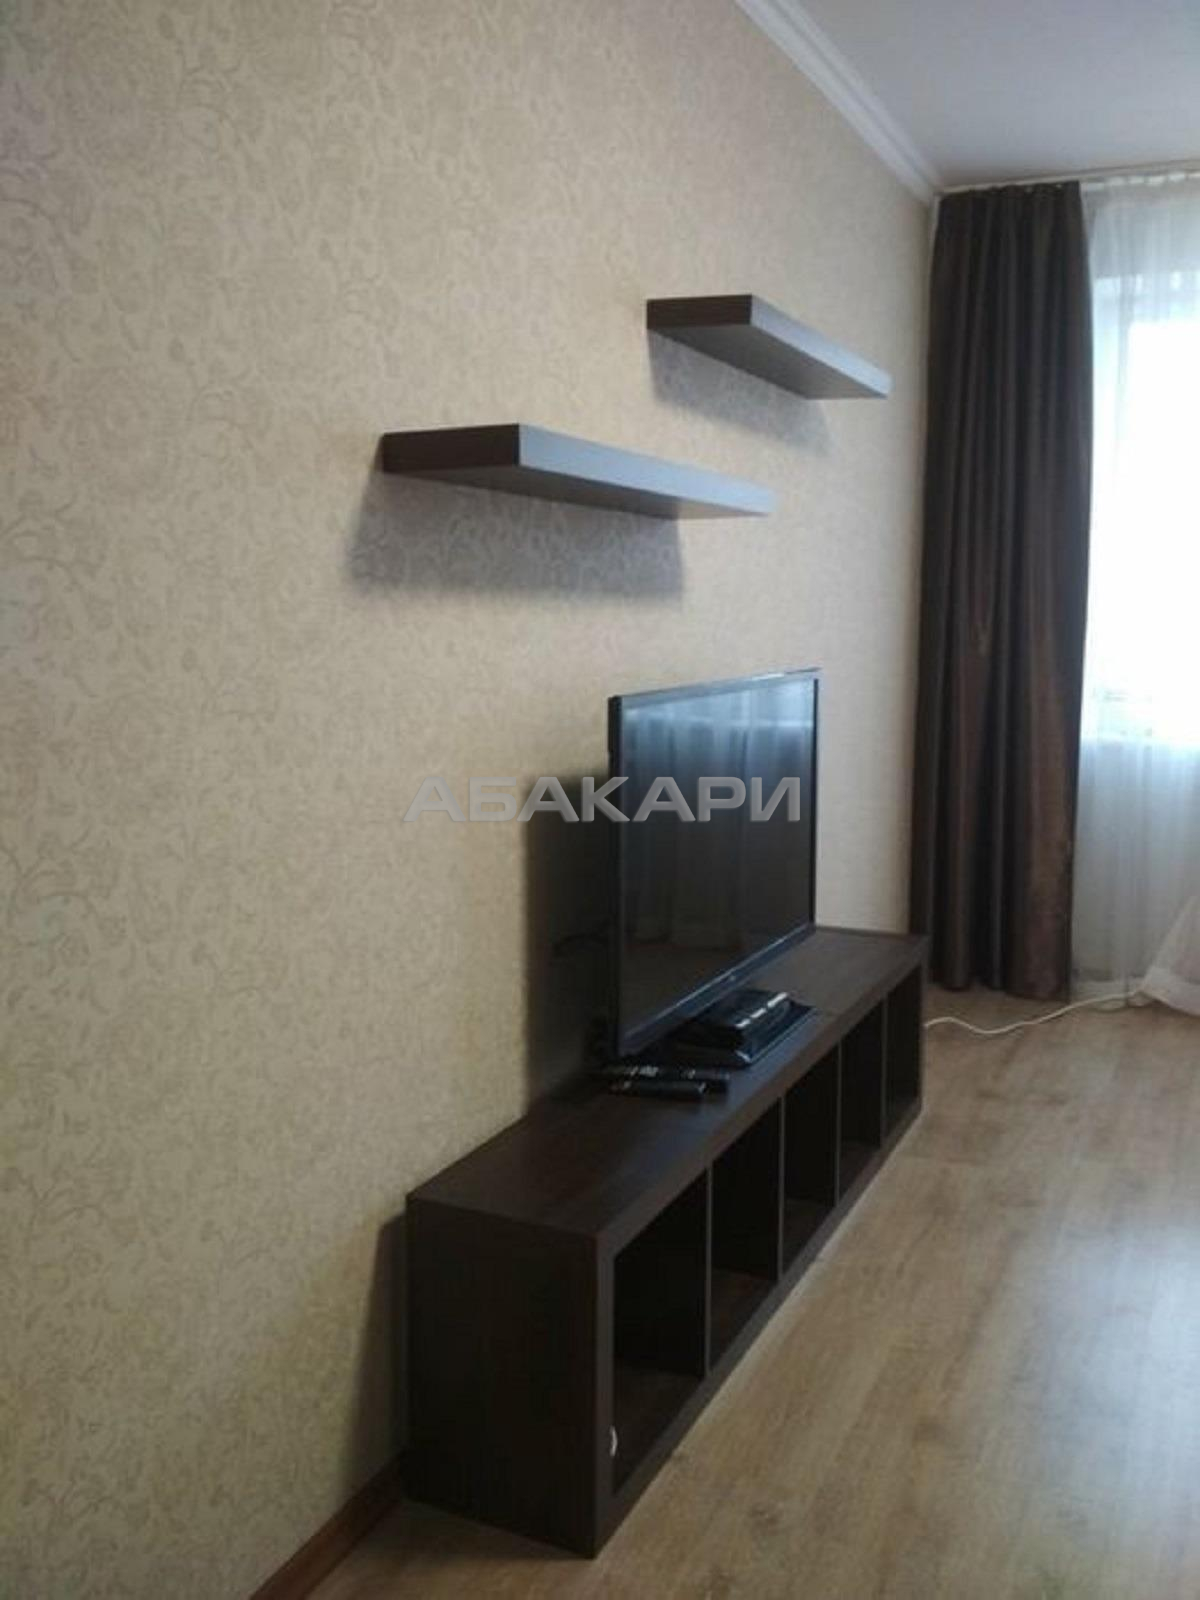 1к квартира улица Академика Киренского, 11 | 14500 | аренда в Красноярске фото 2